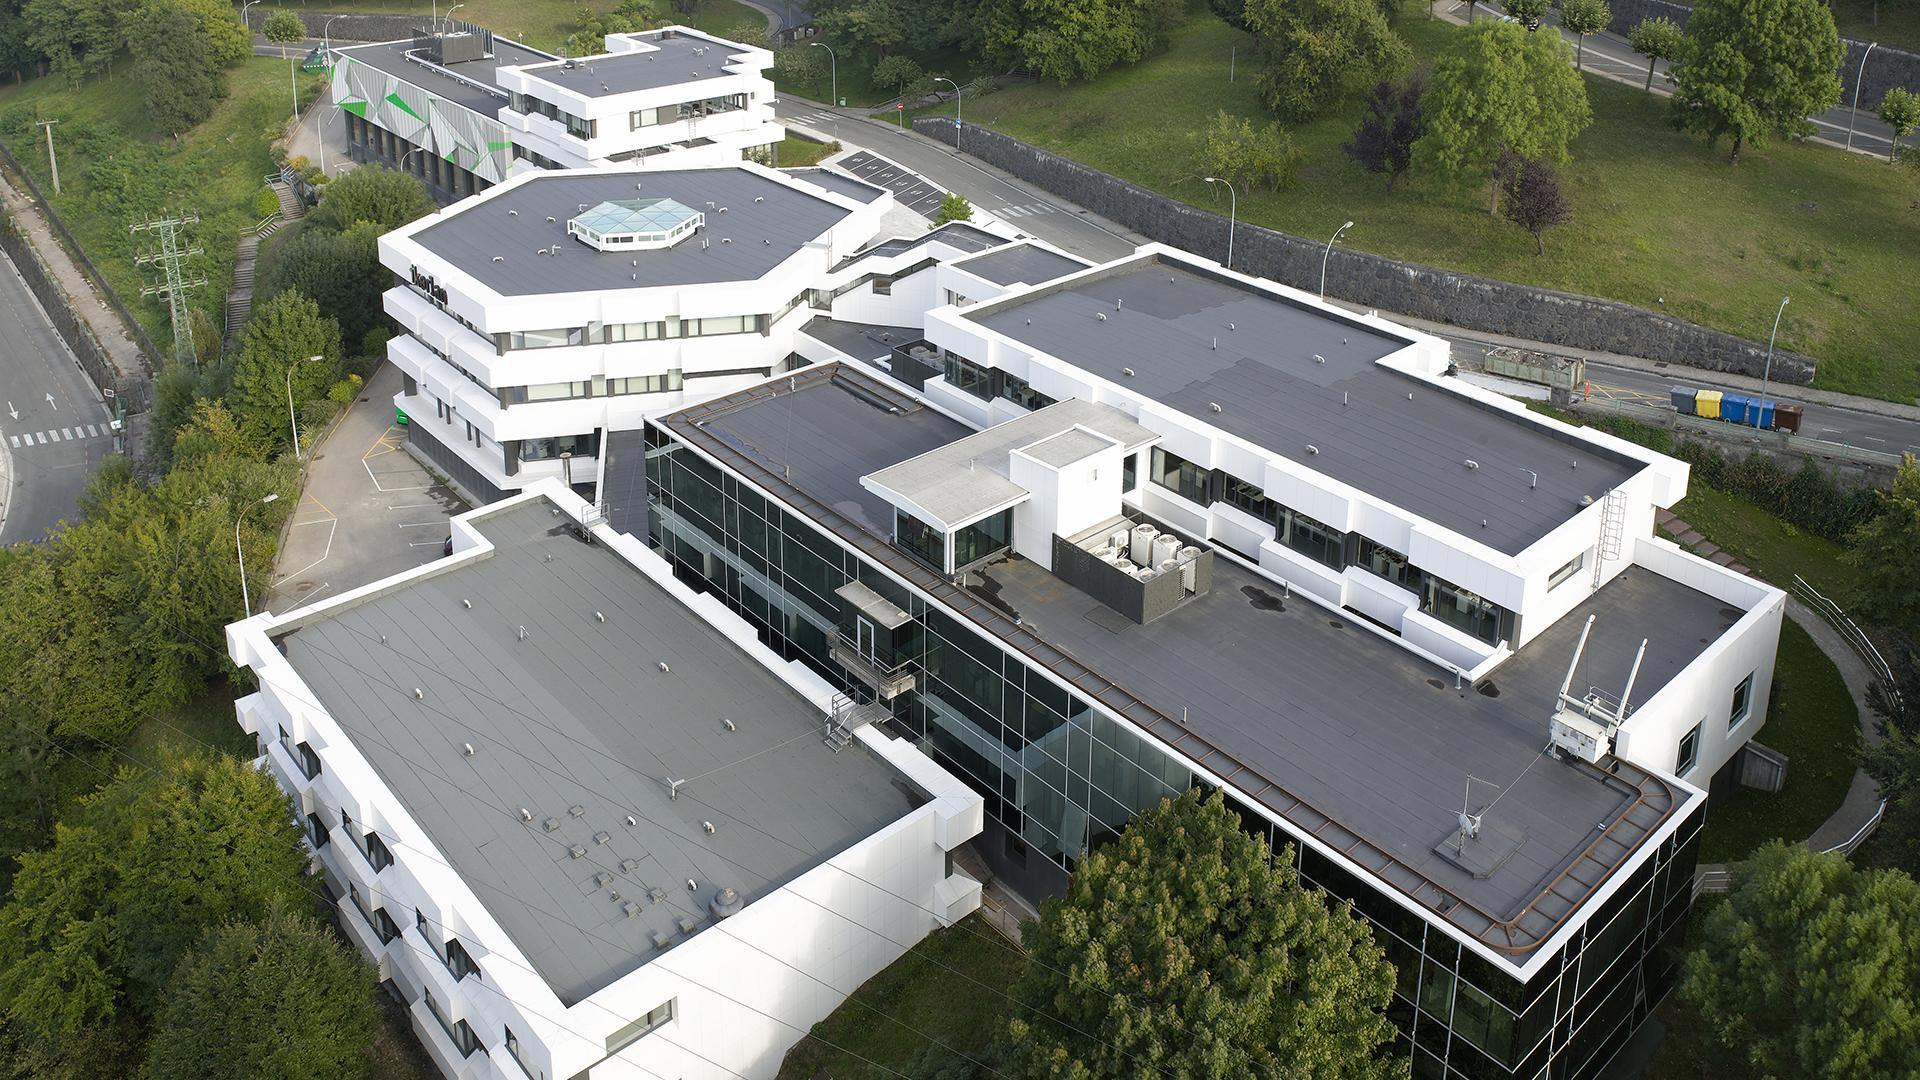 IKERLAN culmina el proyecto de renovación de su sede central de la mano de LKS KREAN y Ulma Architectural Solutions